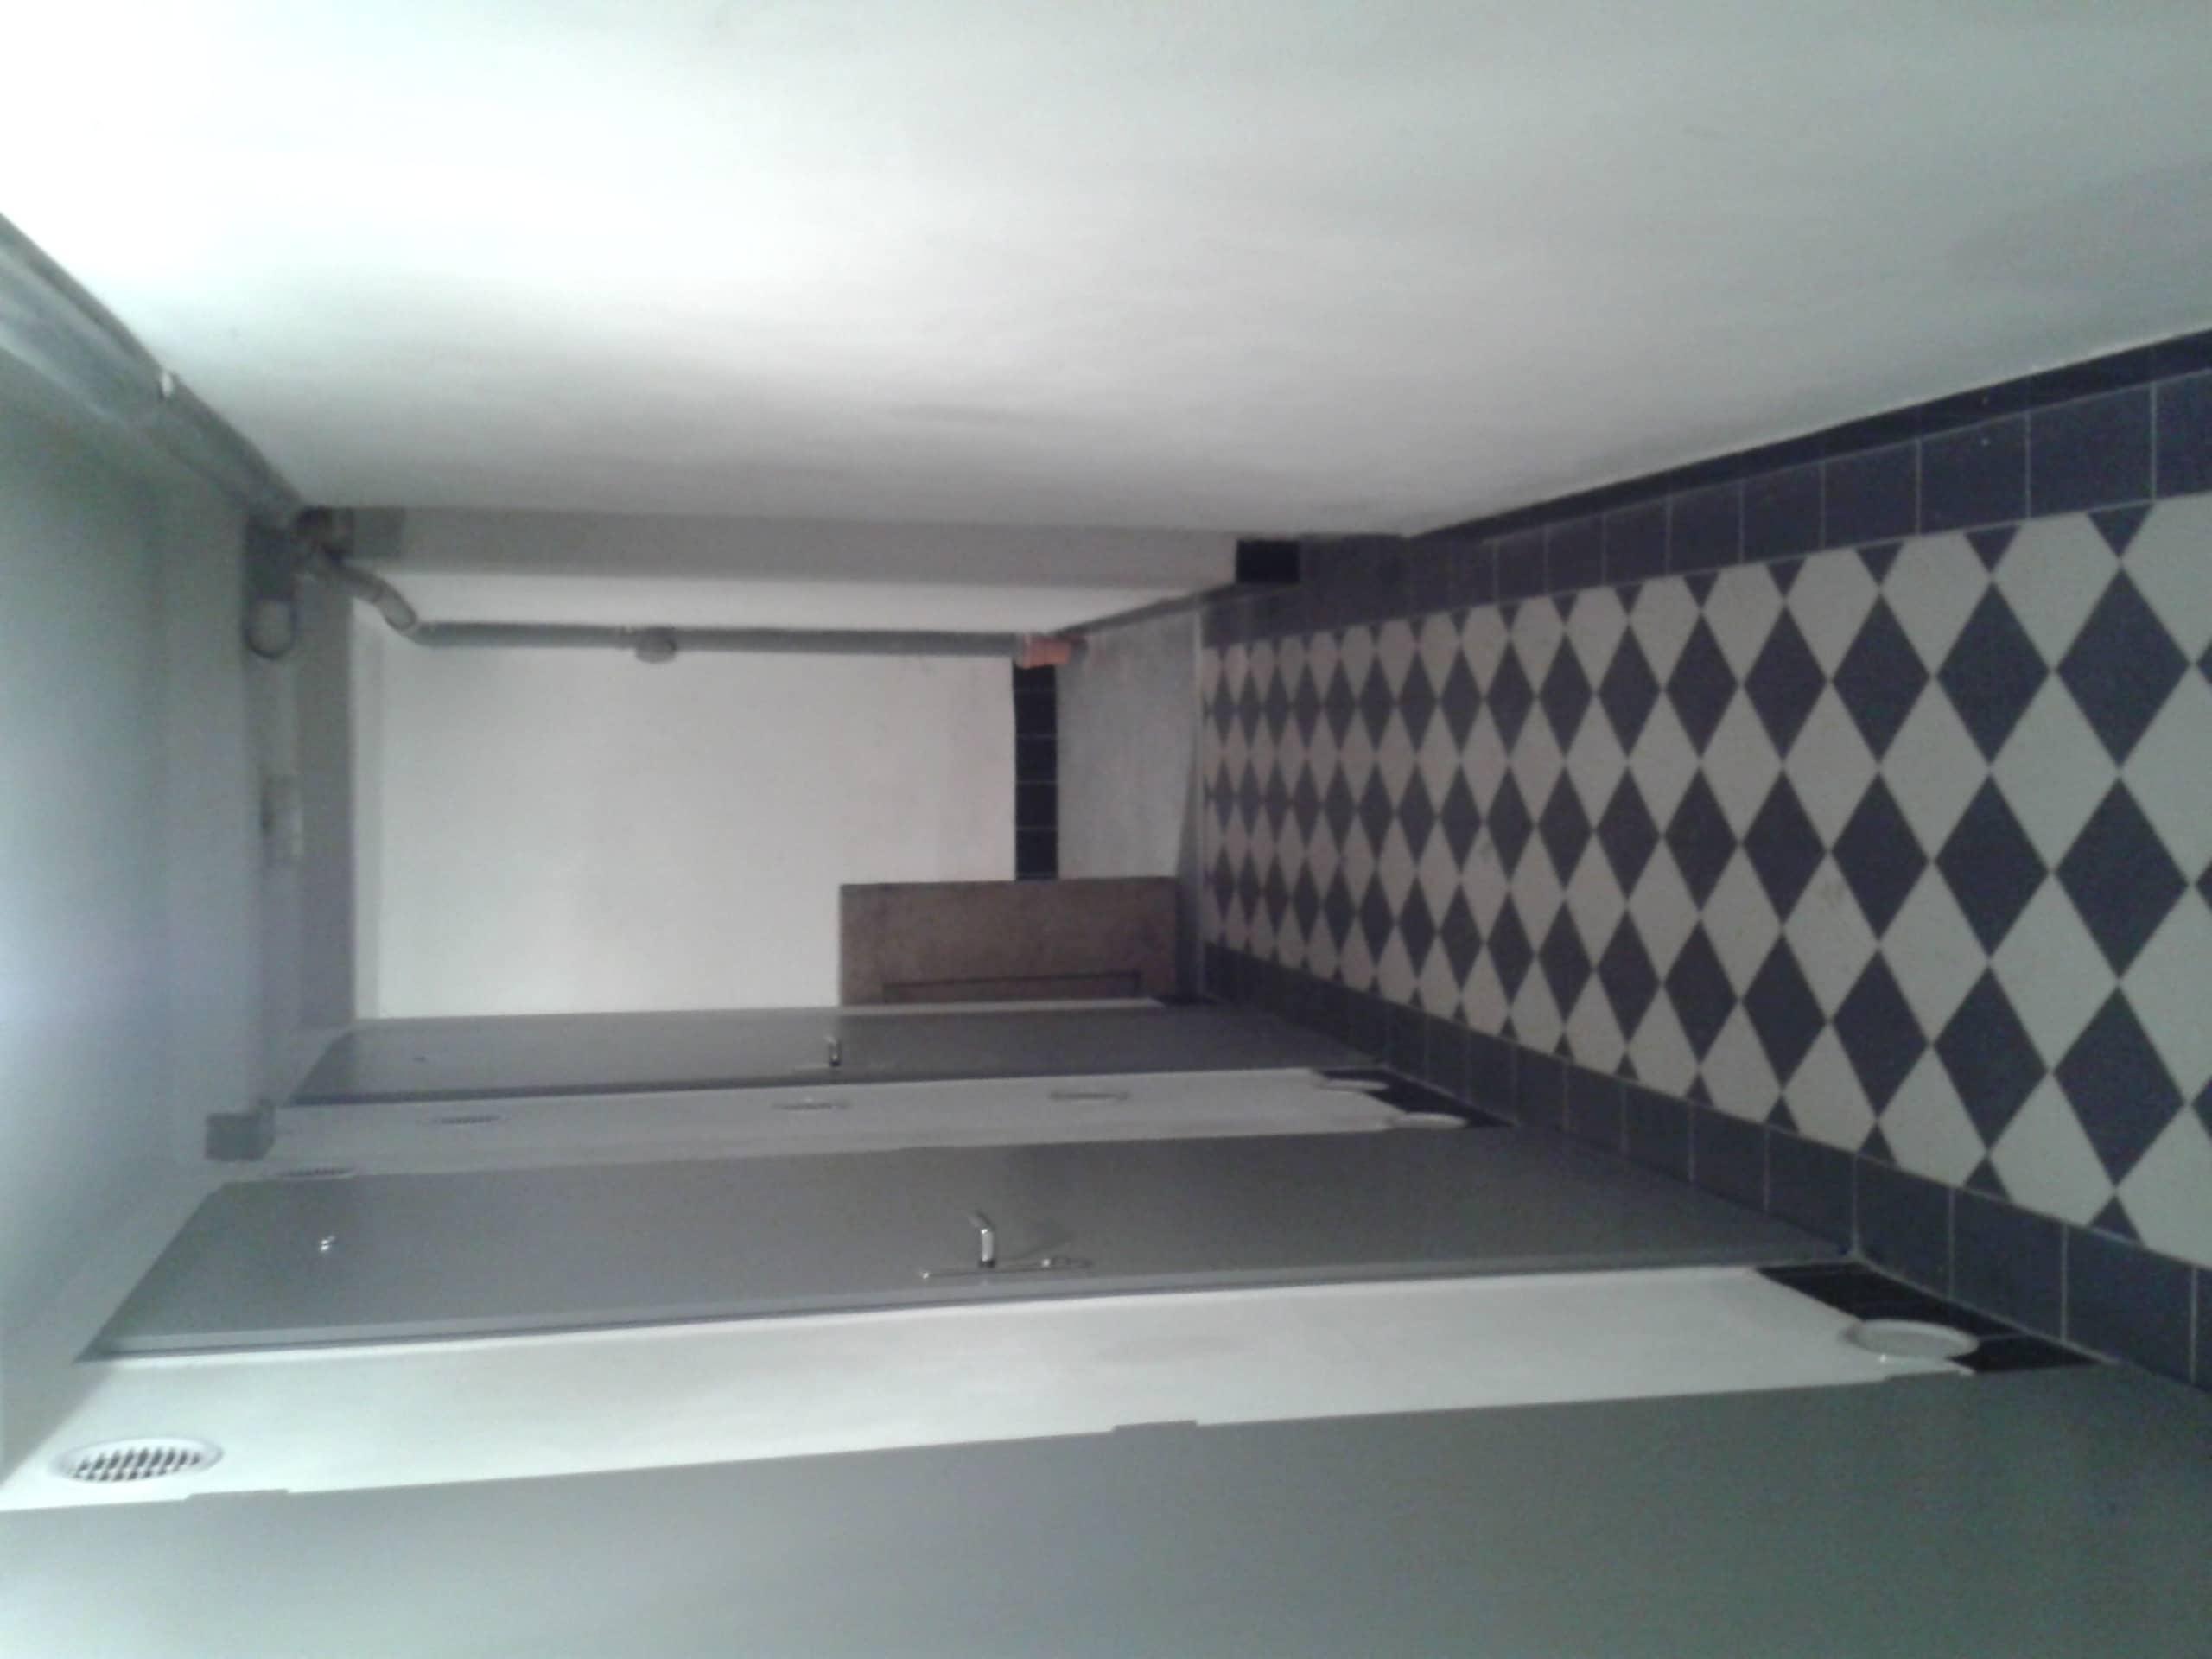 למכירה דירת 2 חדרים בשכונת ז'יז'קוב בפראג11 (2)